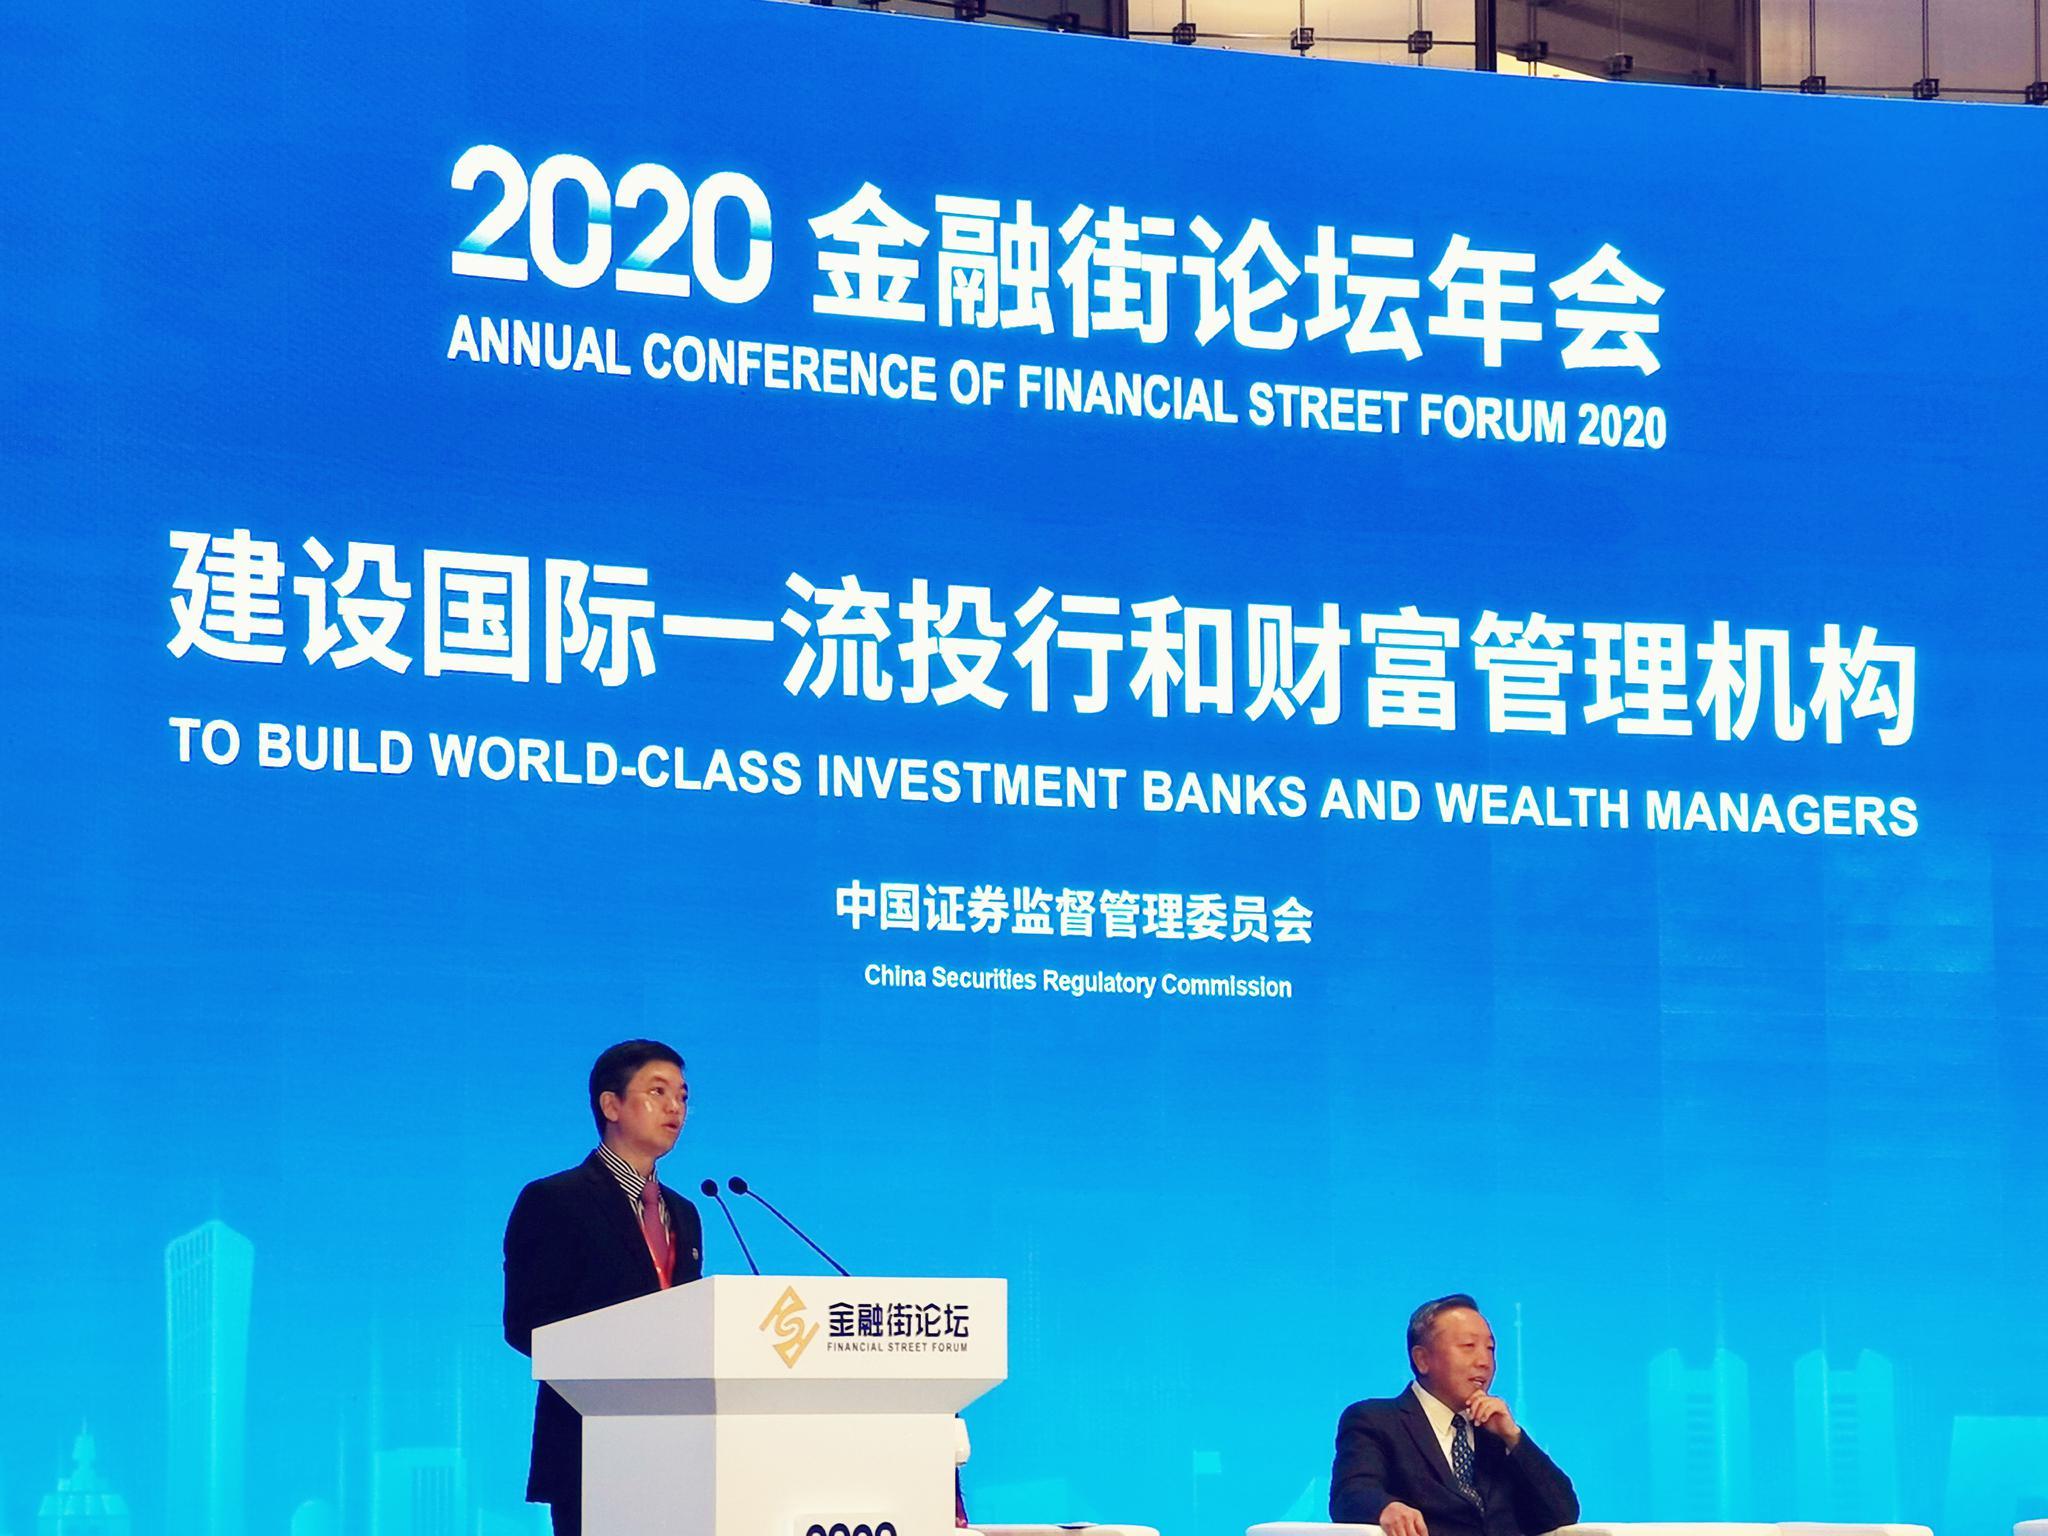 中证协执行副会长安青松:我国证券业已建成现代投行基本功能